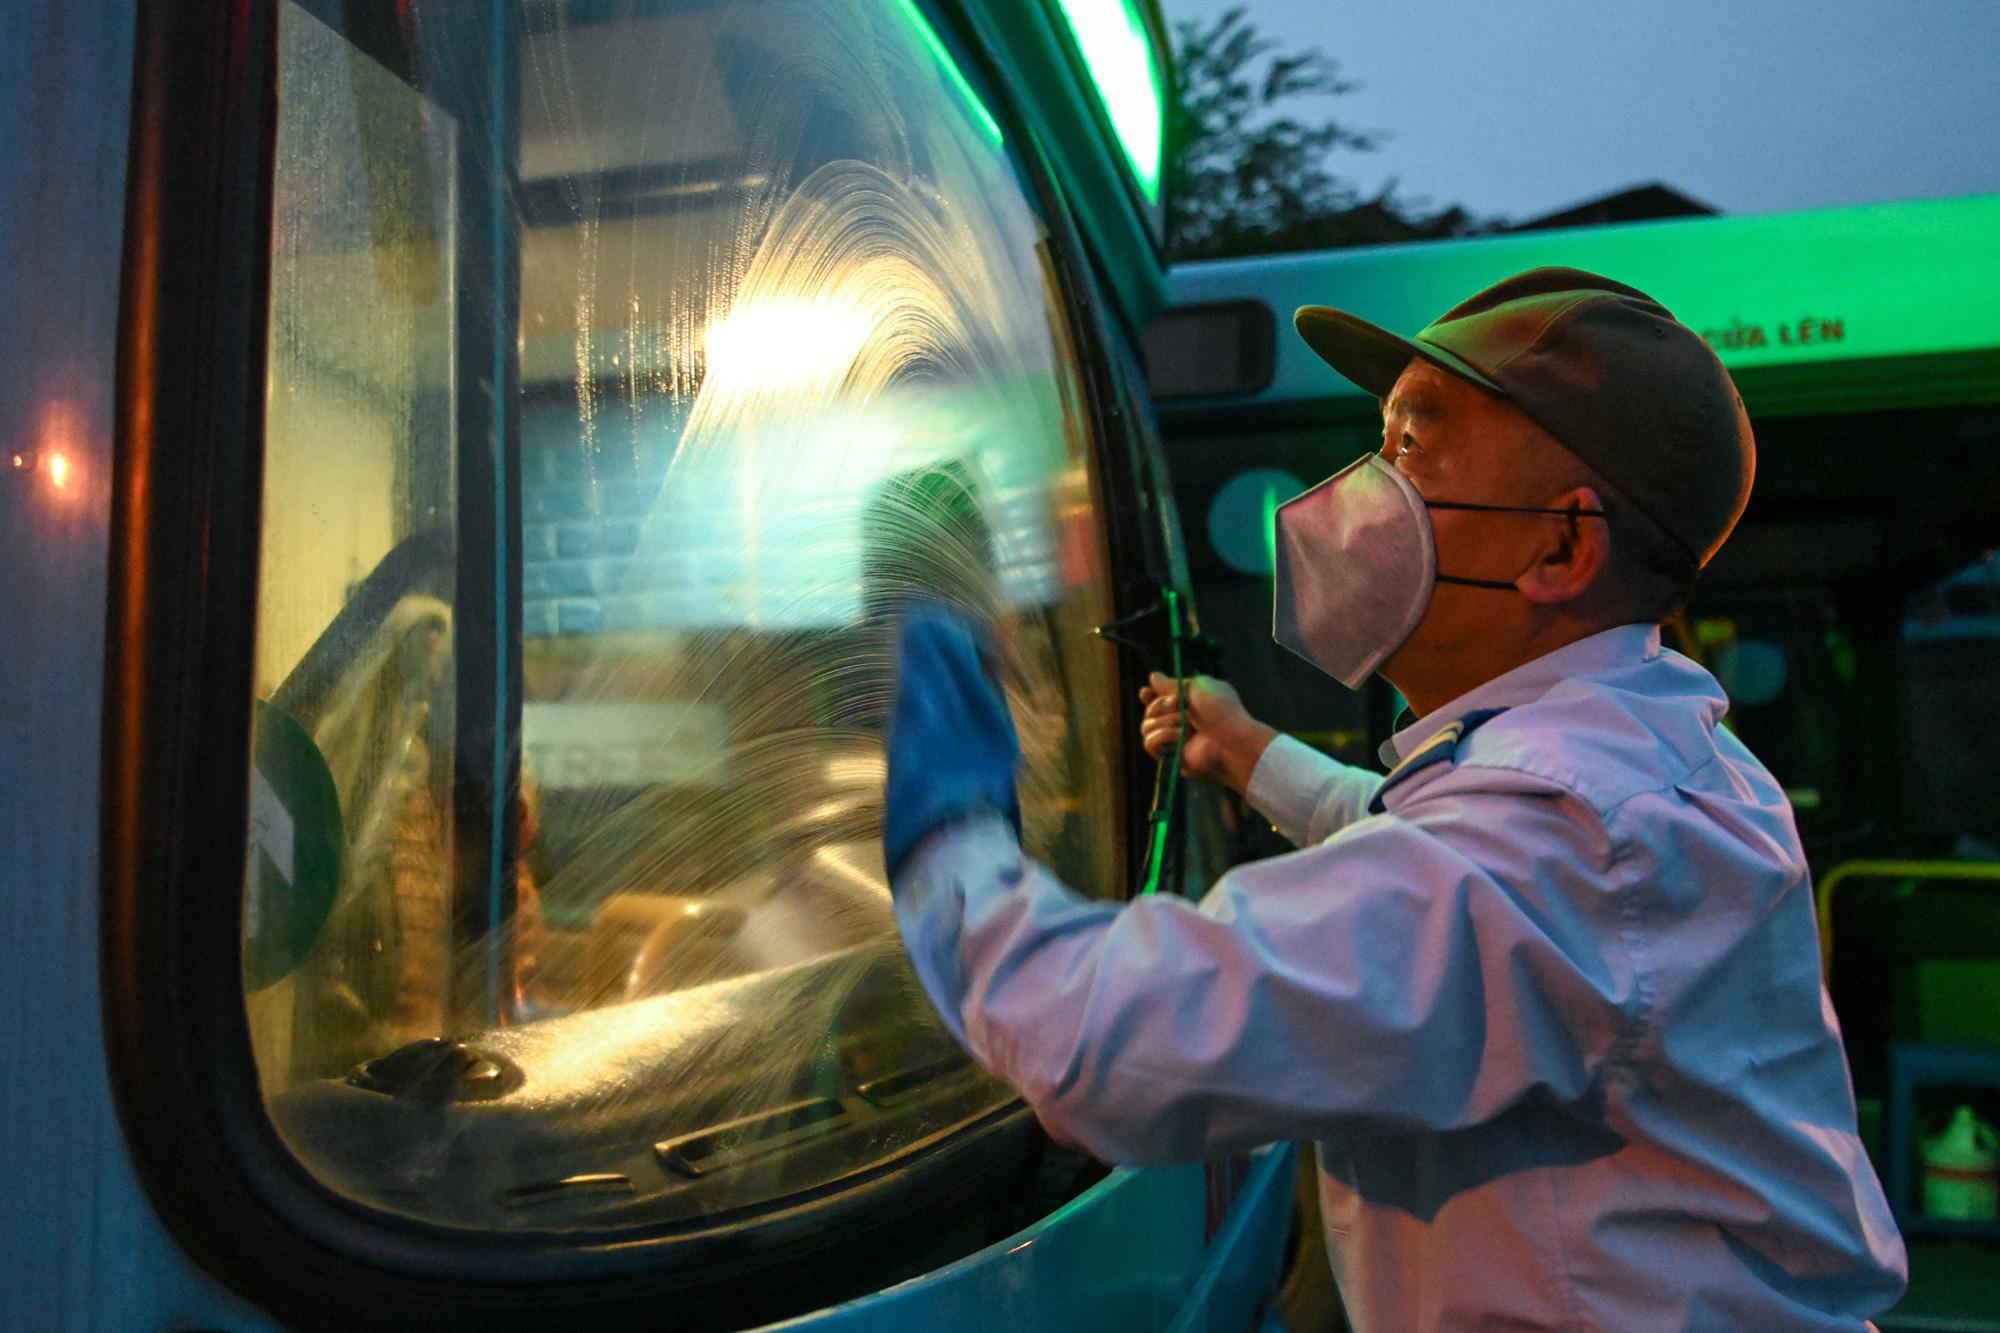 [ẢNH] Vẻ đẹp của gần 200 xe buýt tập kết về bến xếp hàng trong đêm - Ảnh 2.